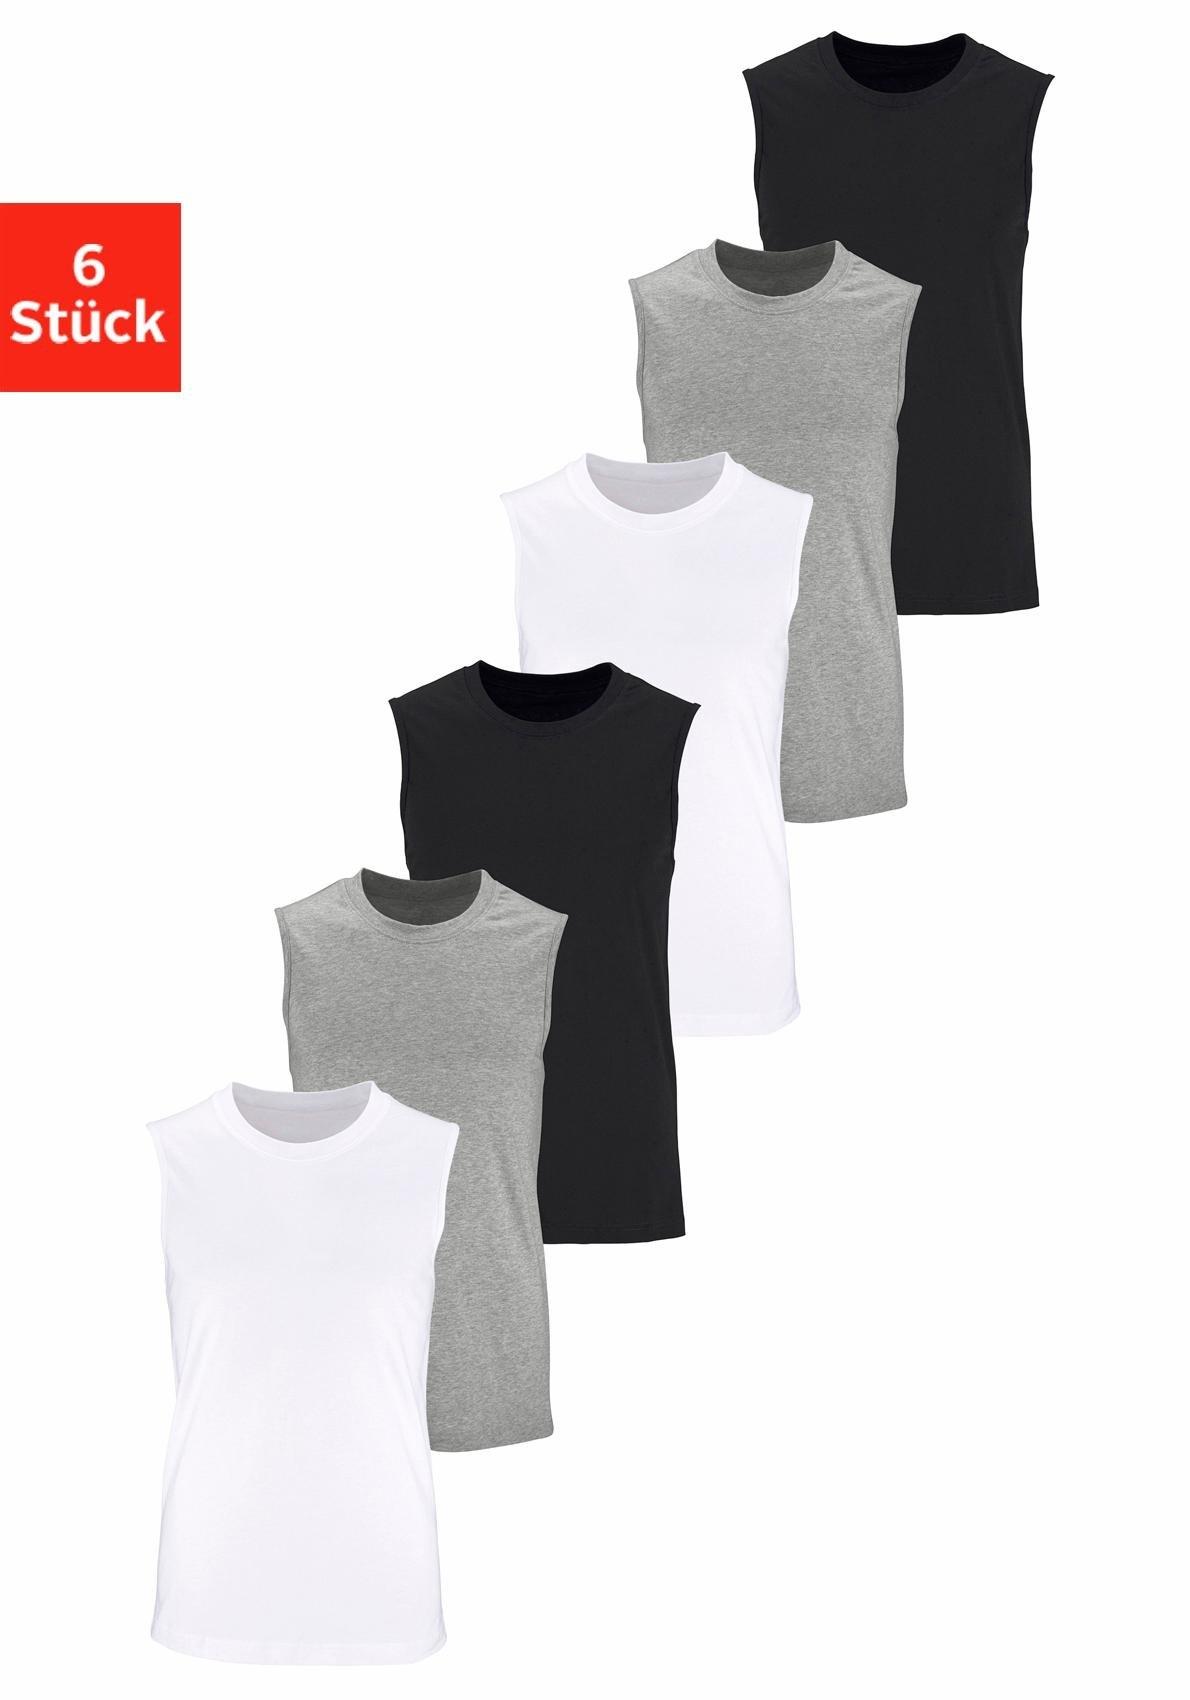 H.I.S muscle-shirt - verschillende betaalmethodes